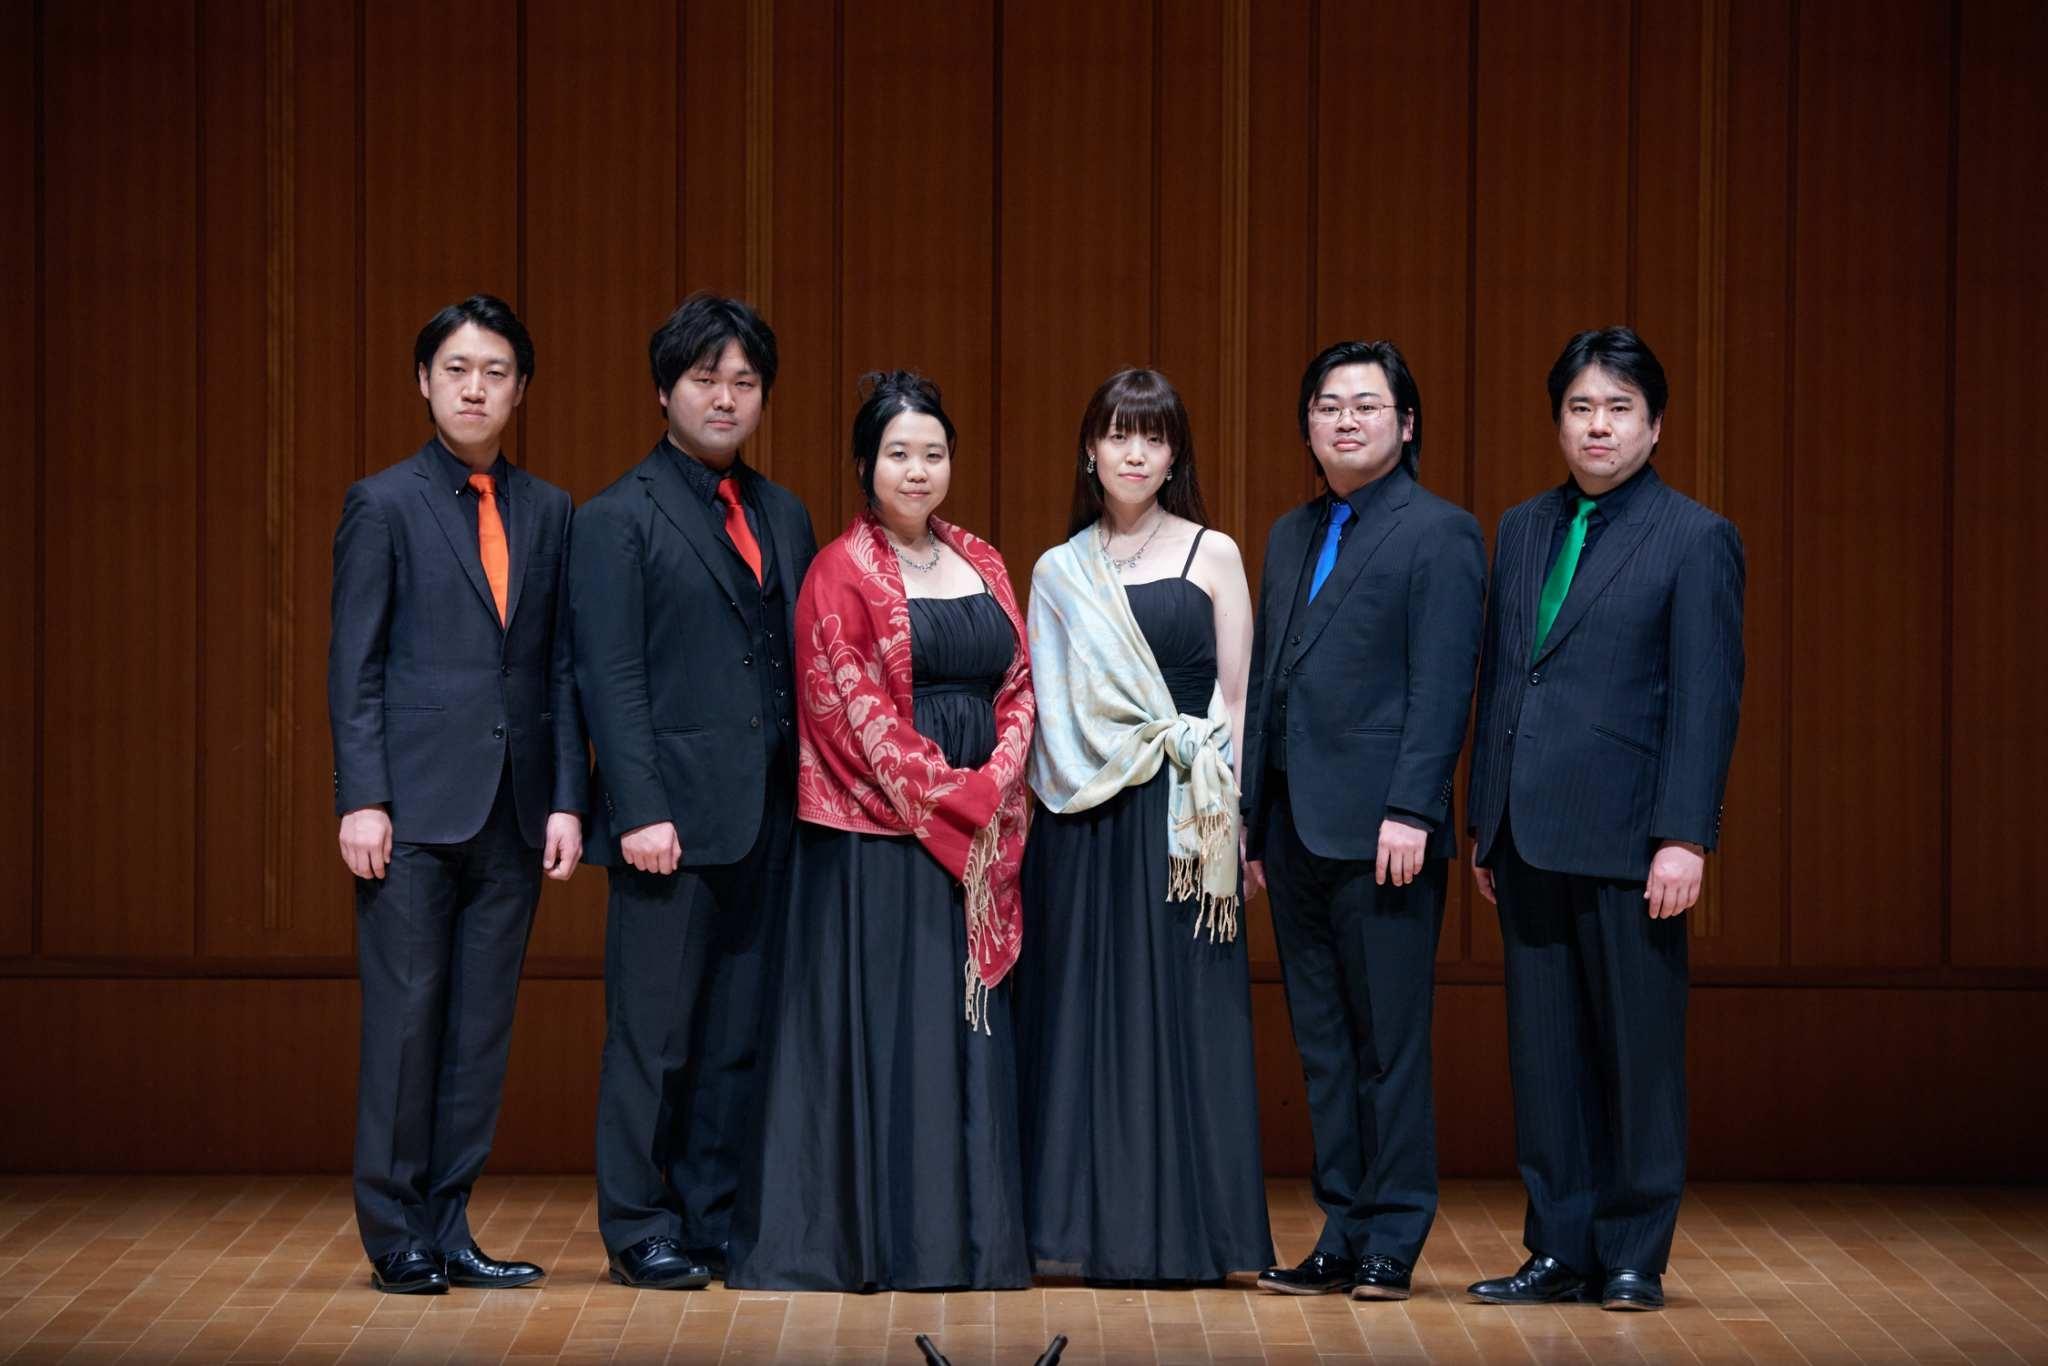 北とぴあ国際音楽祭2020<br>参加公演<br>Vocal Ensemble 歌譜喜<br>6th concertの画像